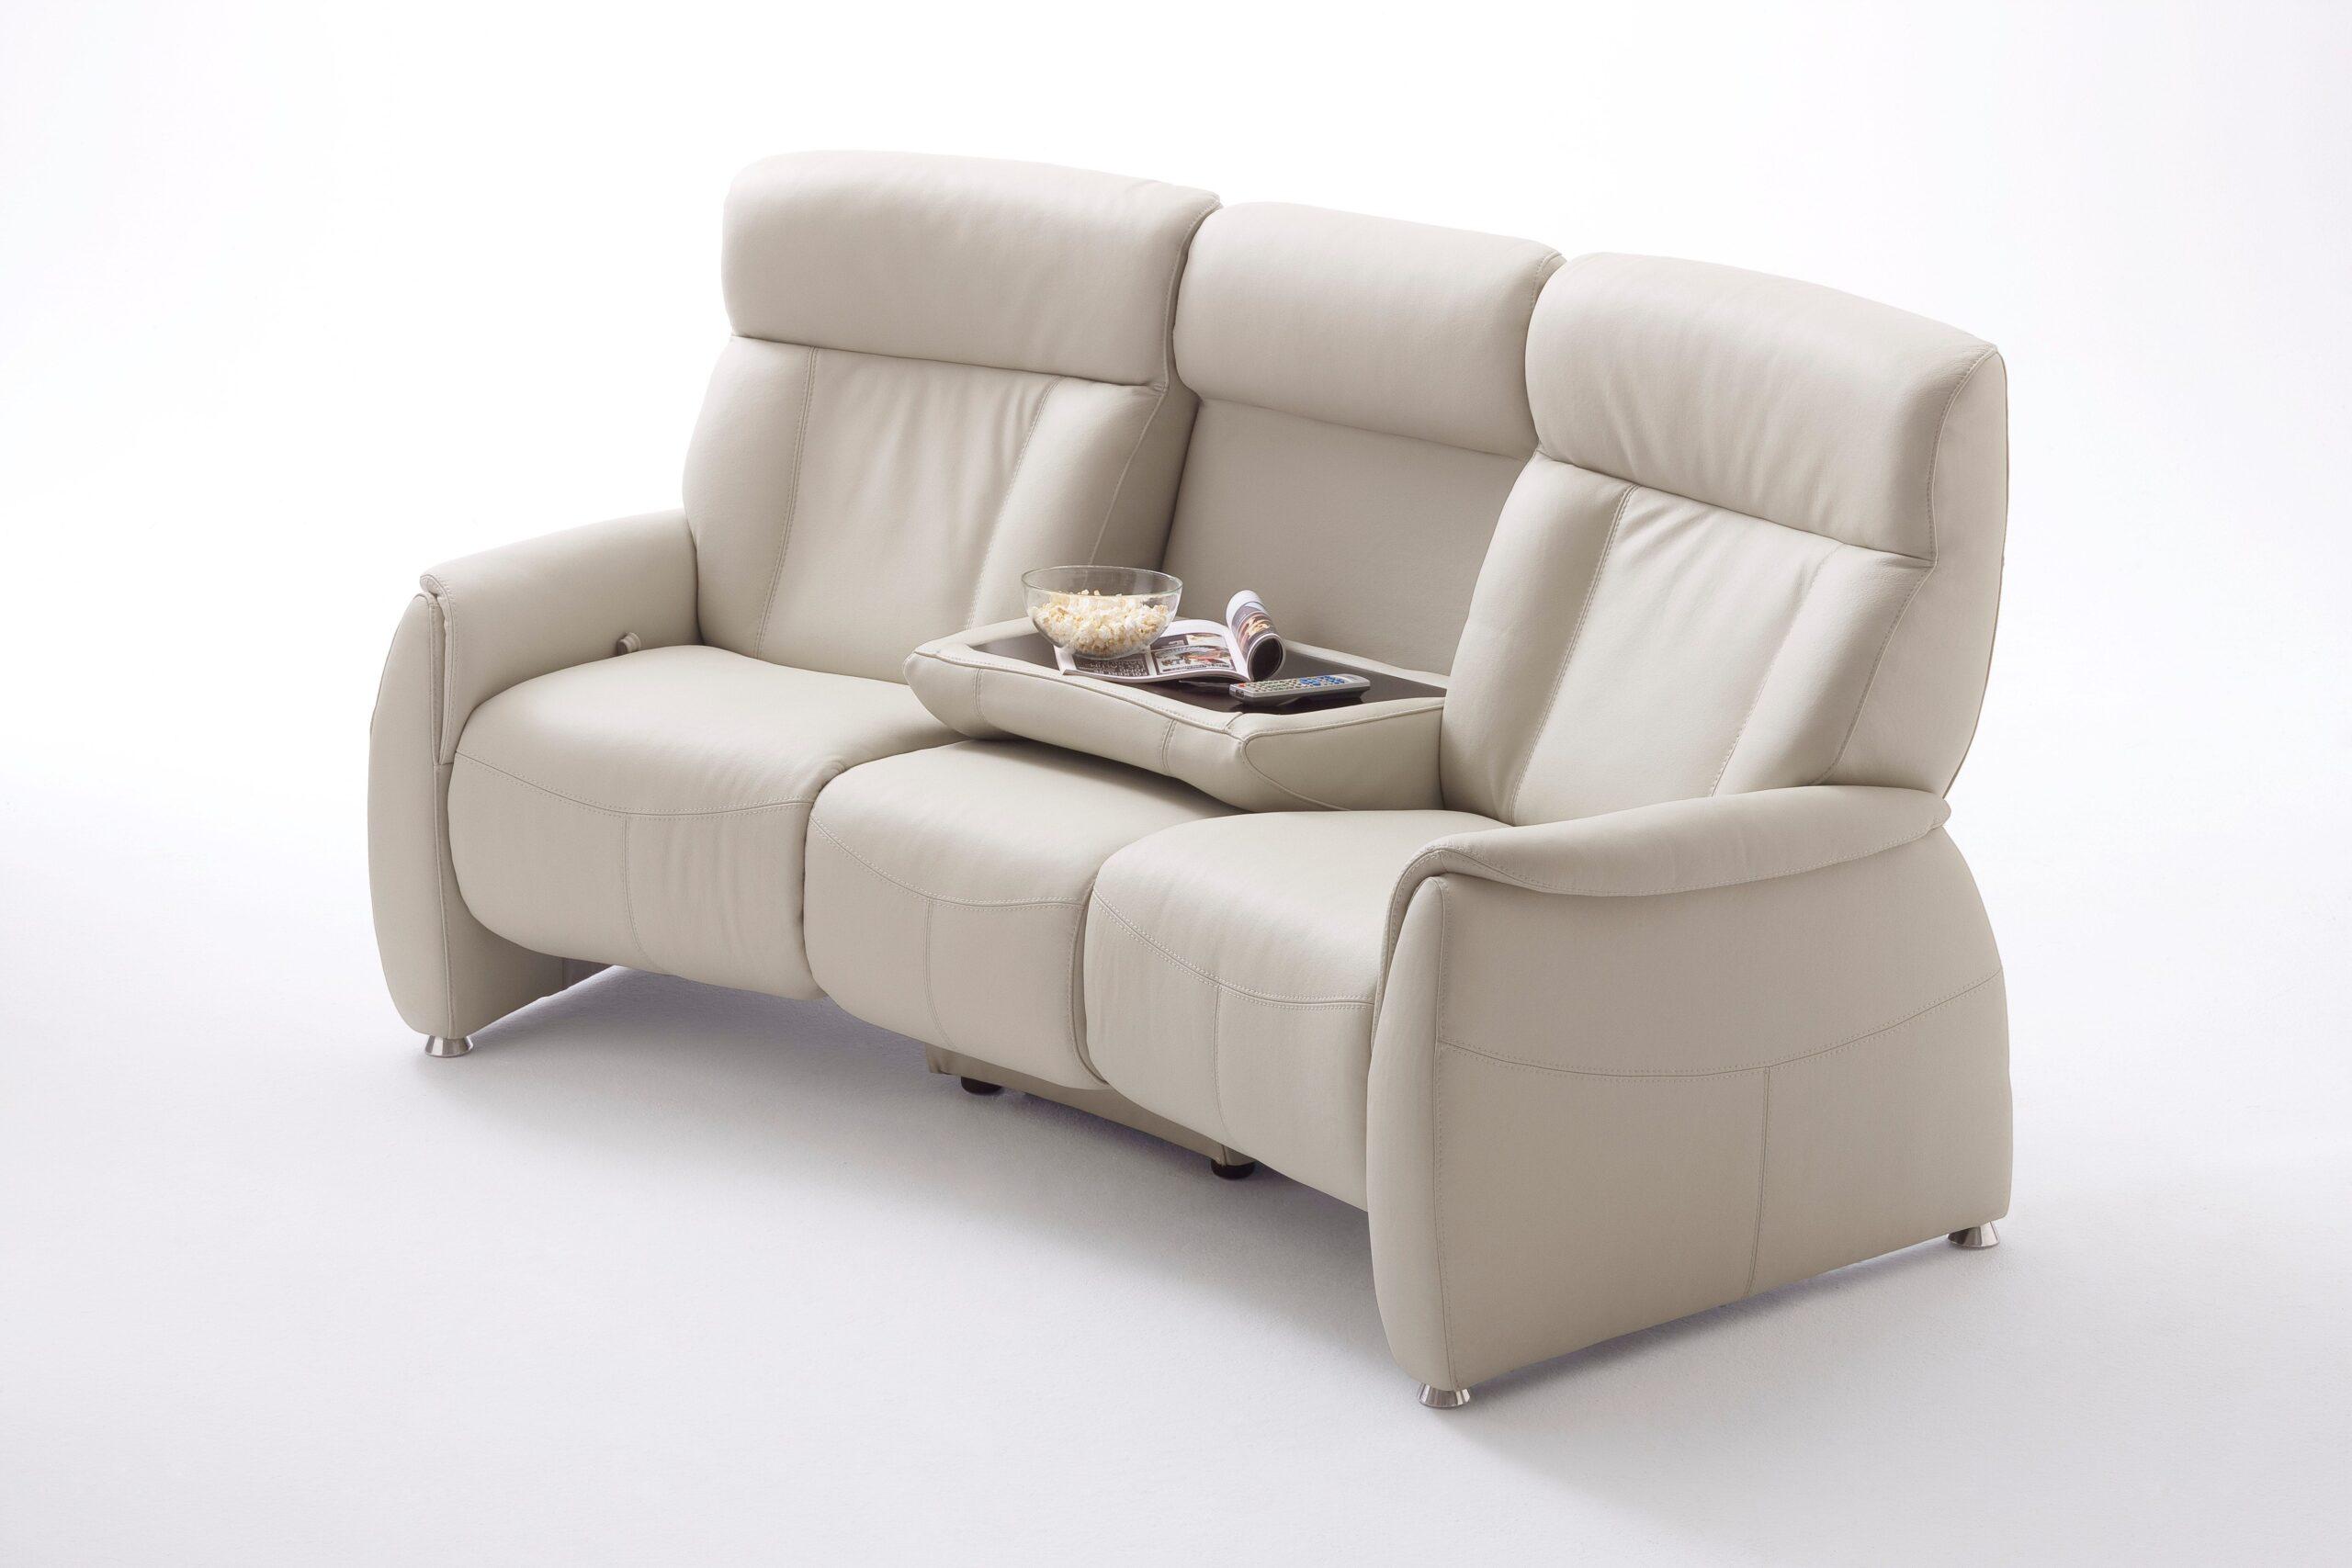 Full Size of 3 Sitzer Sofa Mit Relaxfunktion Sitzhöhe 55 Cm Bett Schubladen 160x200 Modernes Koinor Küche Günstig Elektrogeräten Verstellbarer Sitztiefe Badezimmer Sofa 3 Sitzer Sofa Mit Relaxfunktion